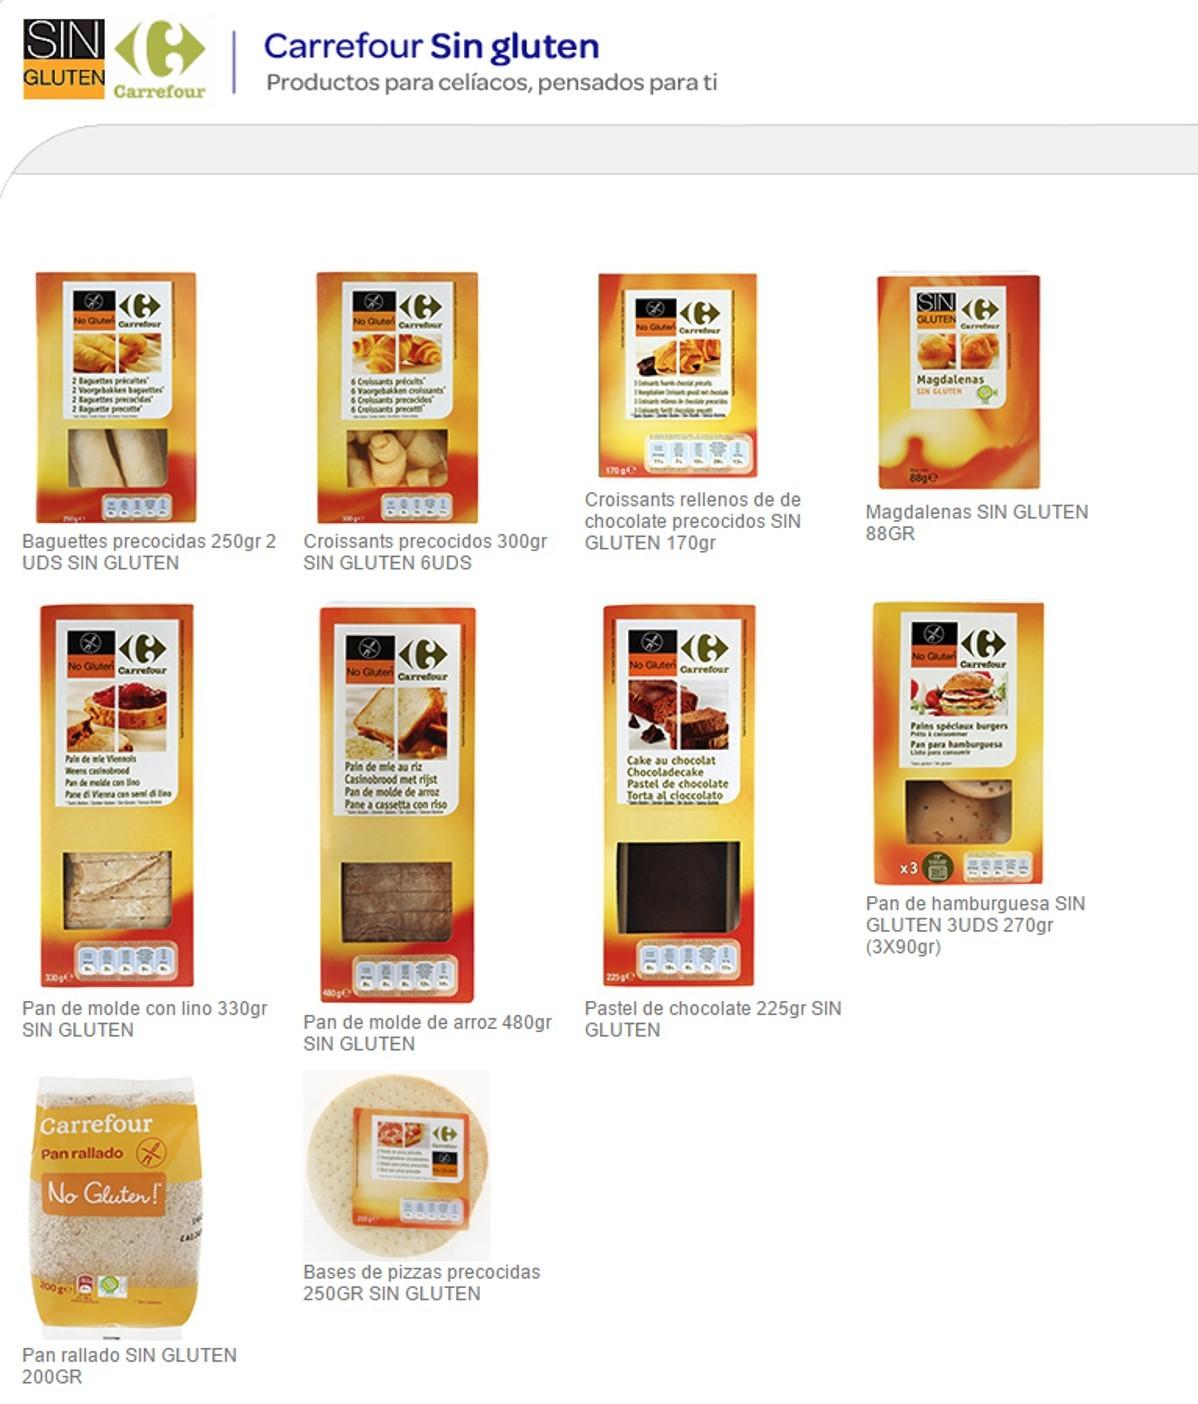 Productos para celiacos de carrefour - Alimentos sin gluten para celiacos ...